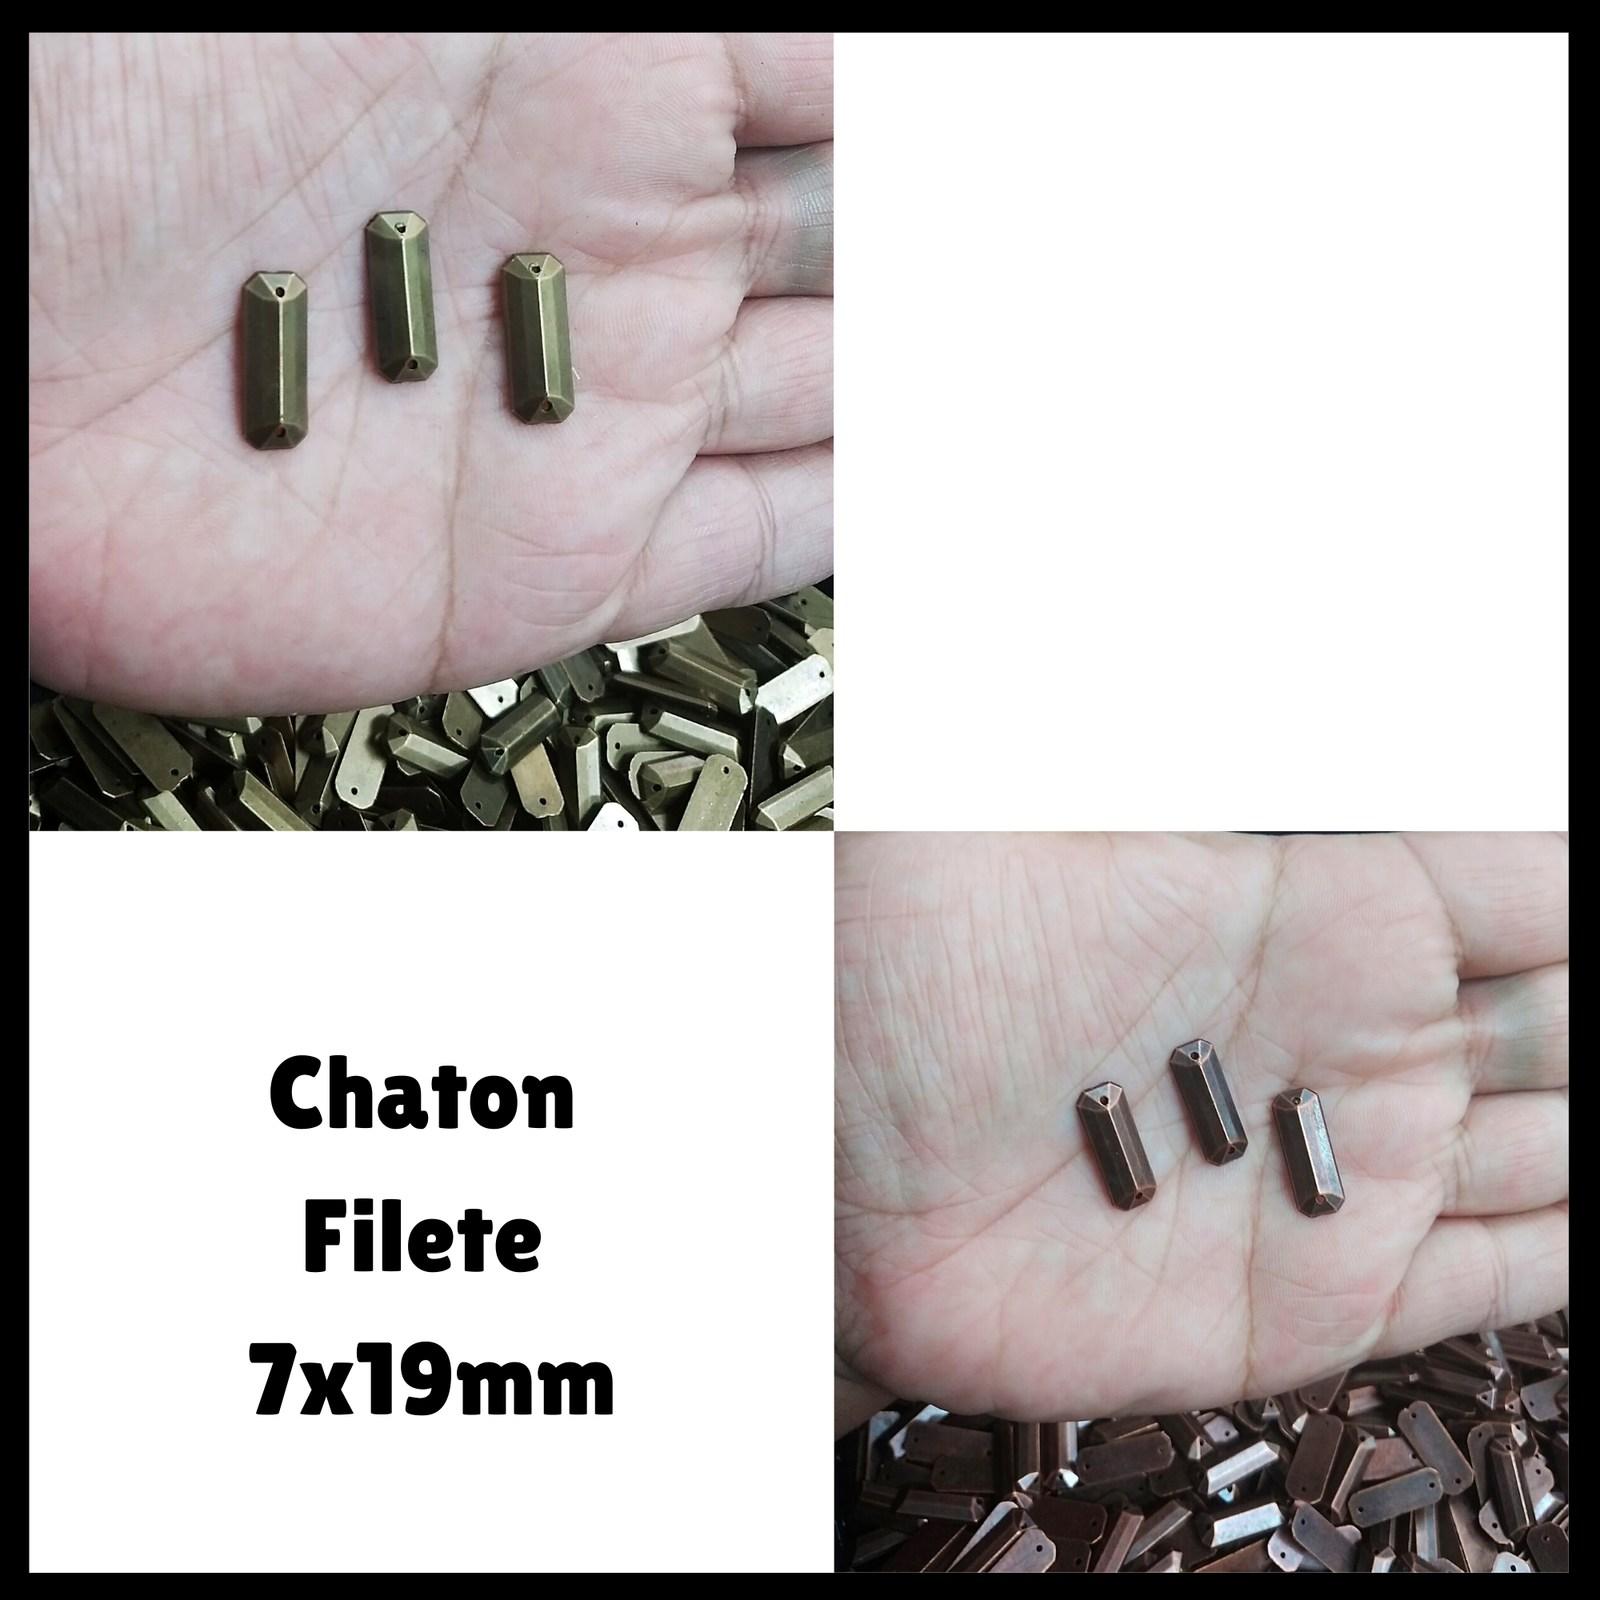 Chaton ABS Filete 7x19mm 500g